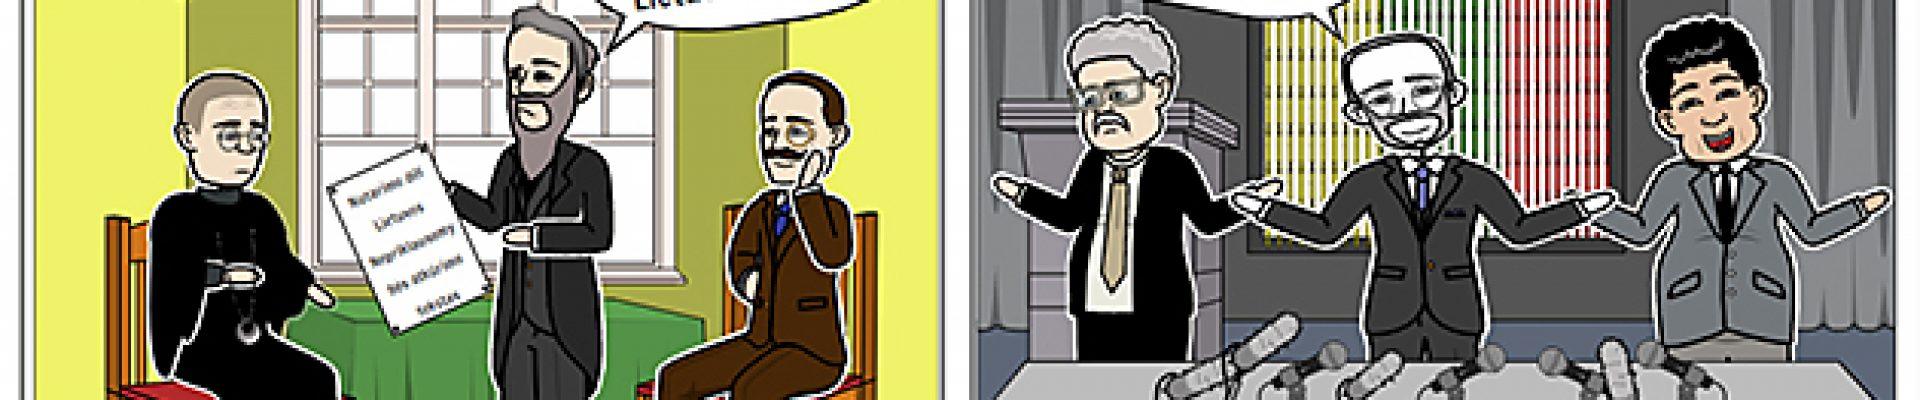 Respublikinis istorinės tematikos komiksų ir animacijos konkursas